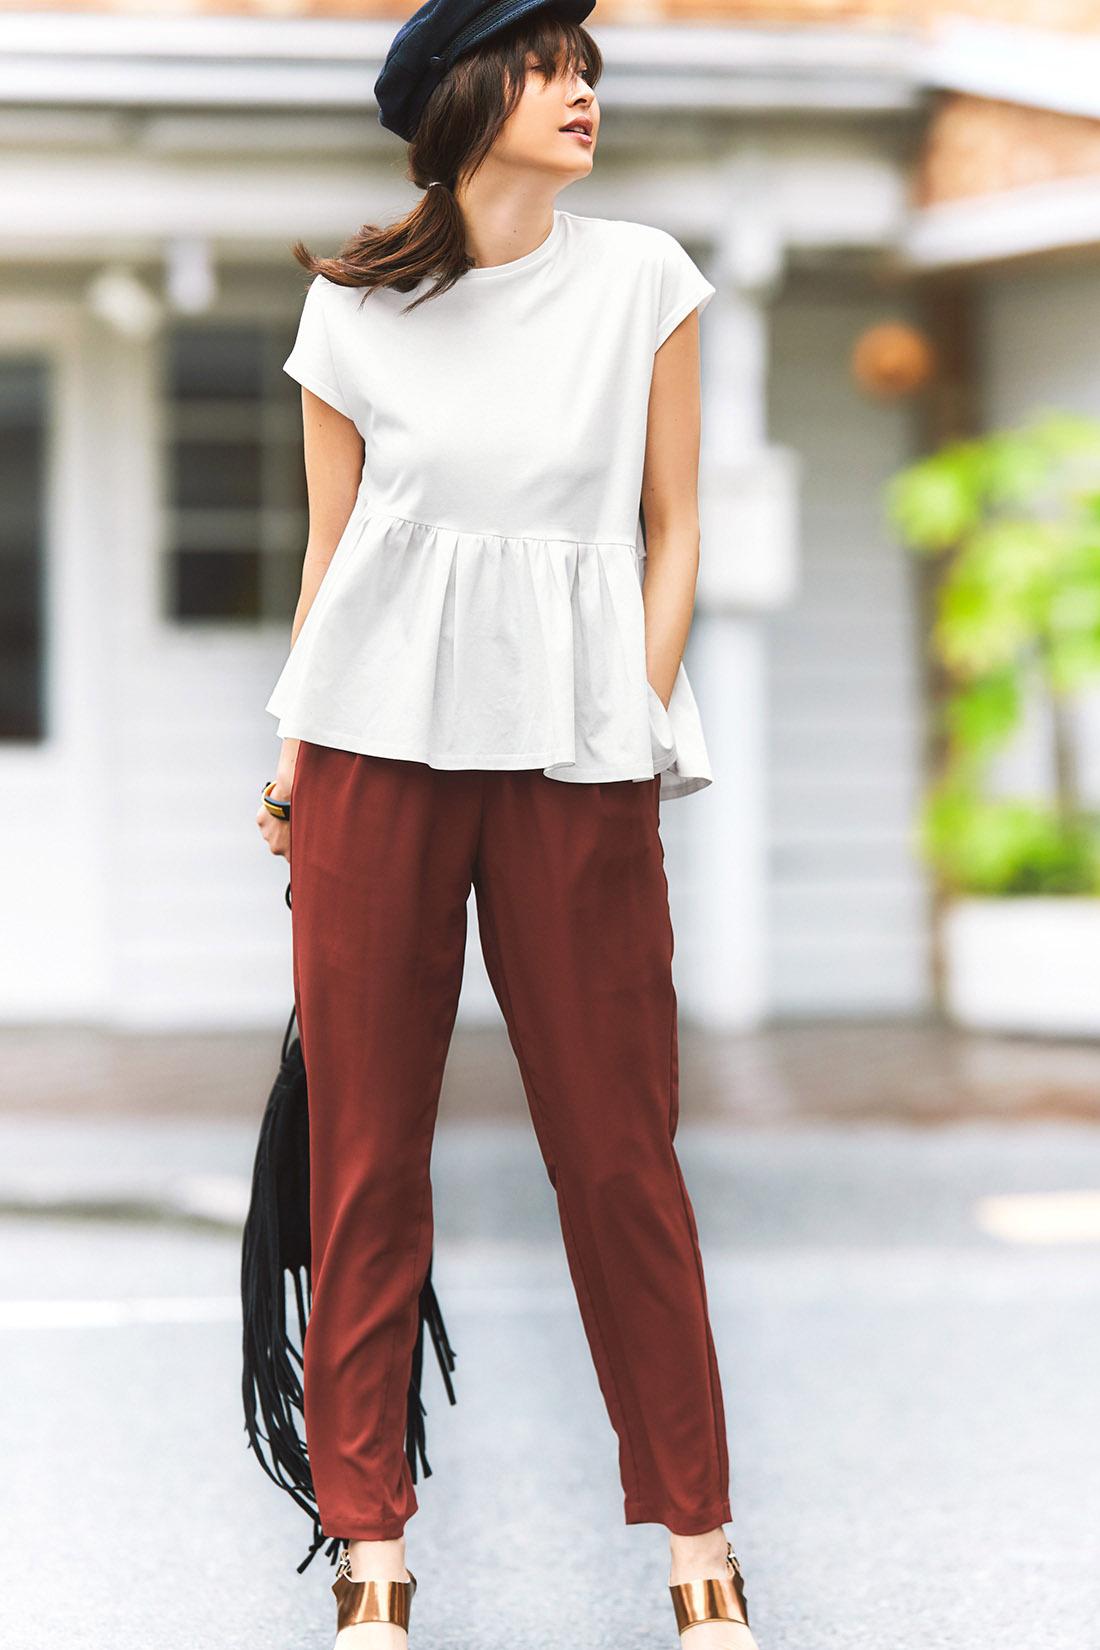 Tシャツやトラウザーなどのリラクシンなアイテムこそ、ディテールやシルエットでスタイリッシュに着こなすのがIEDIT流。旬顔の小物でモードな味付けも忘れずに。